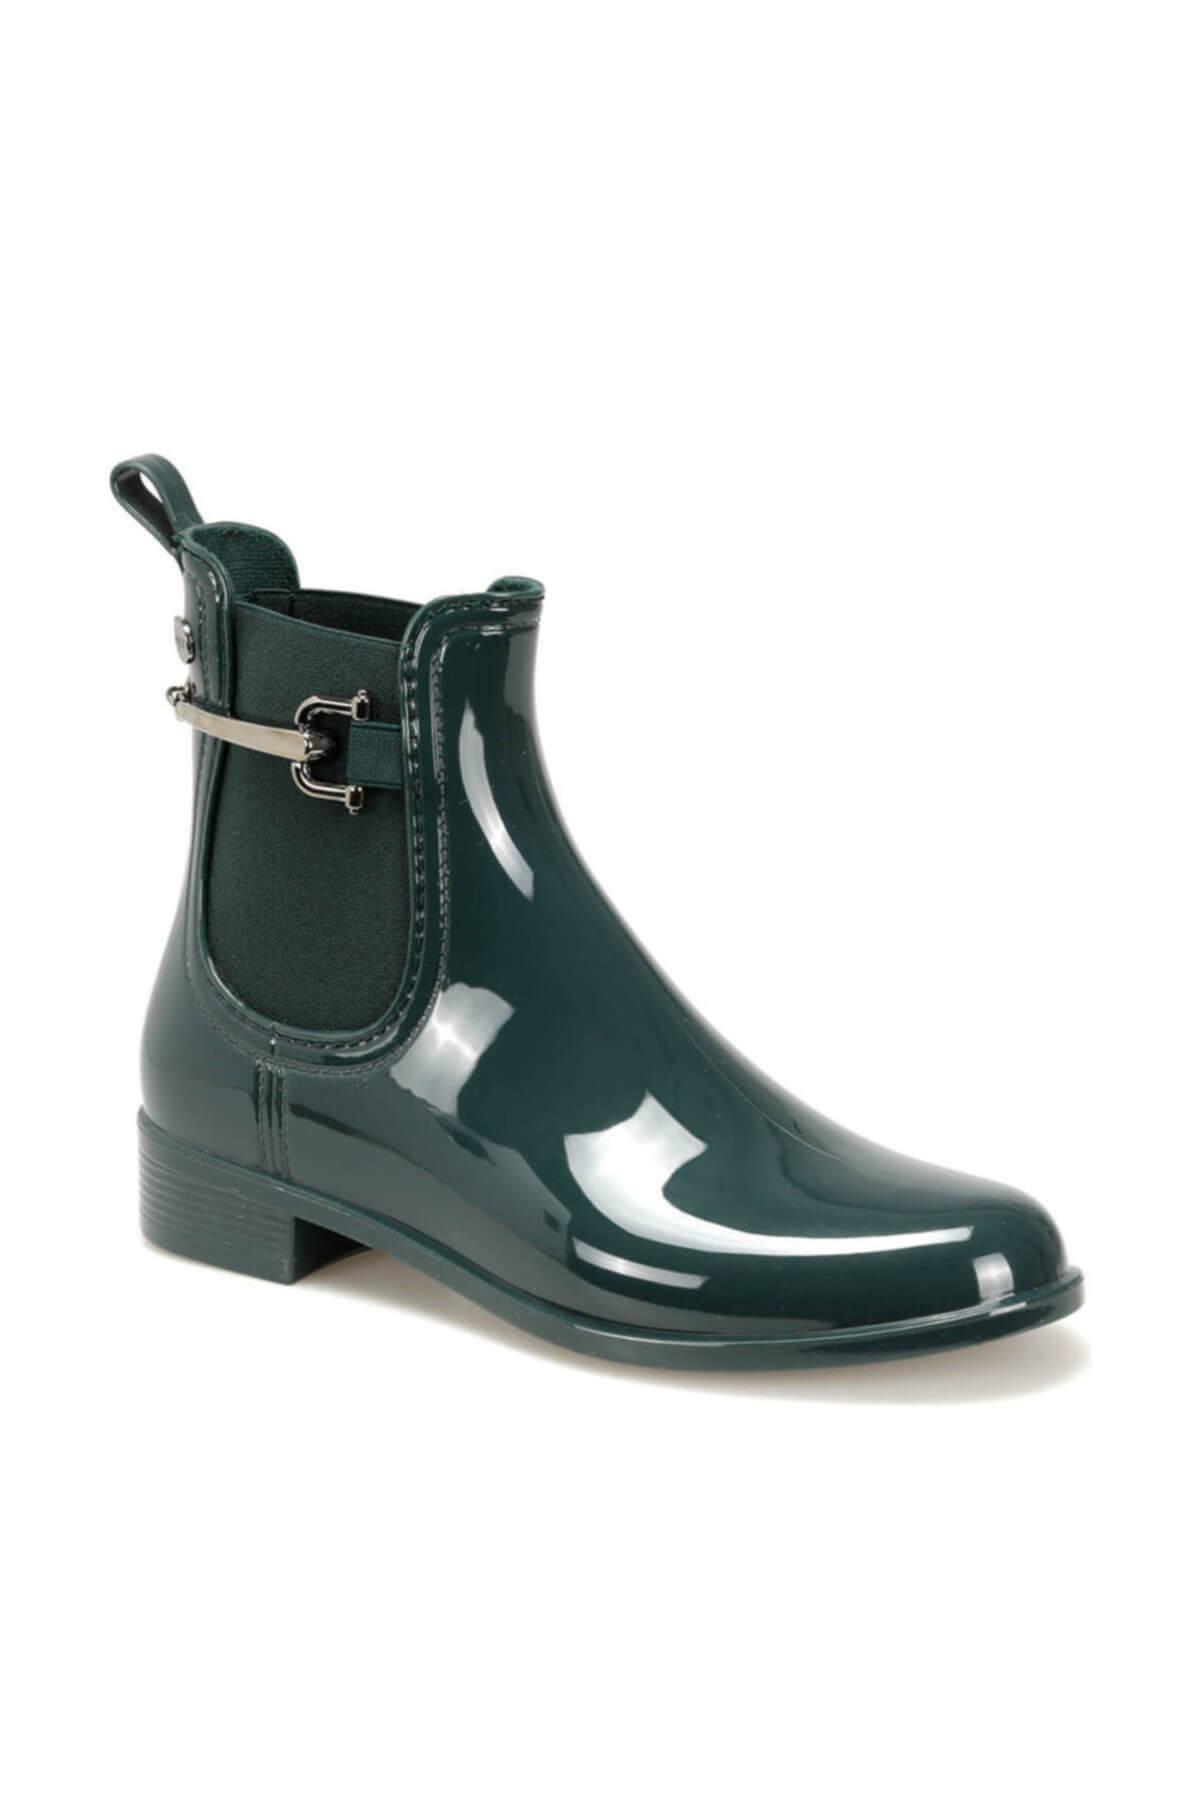 IGOR W10173 Urban Trabilla-013 Haki Kadın Yağmur Çizmesi 100386348 1